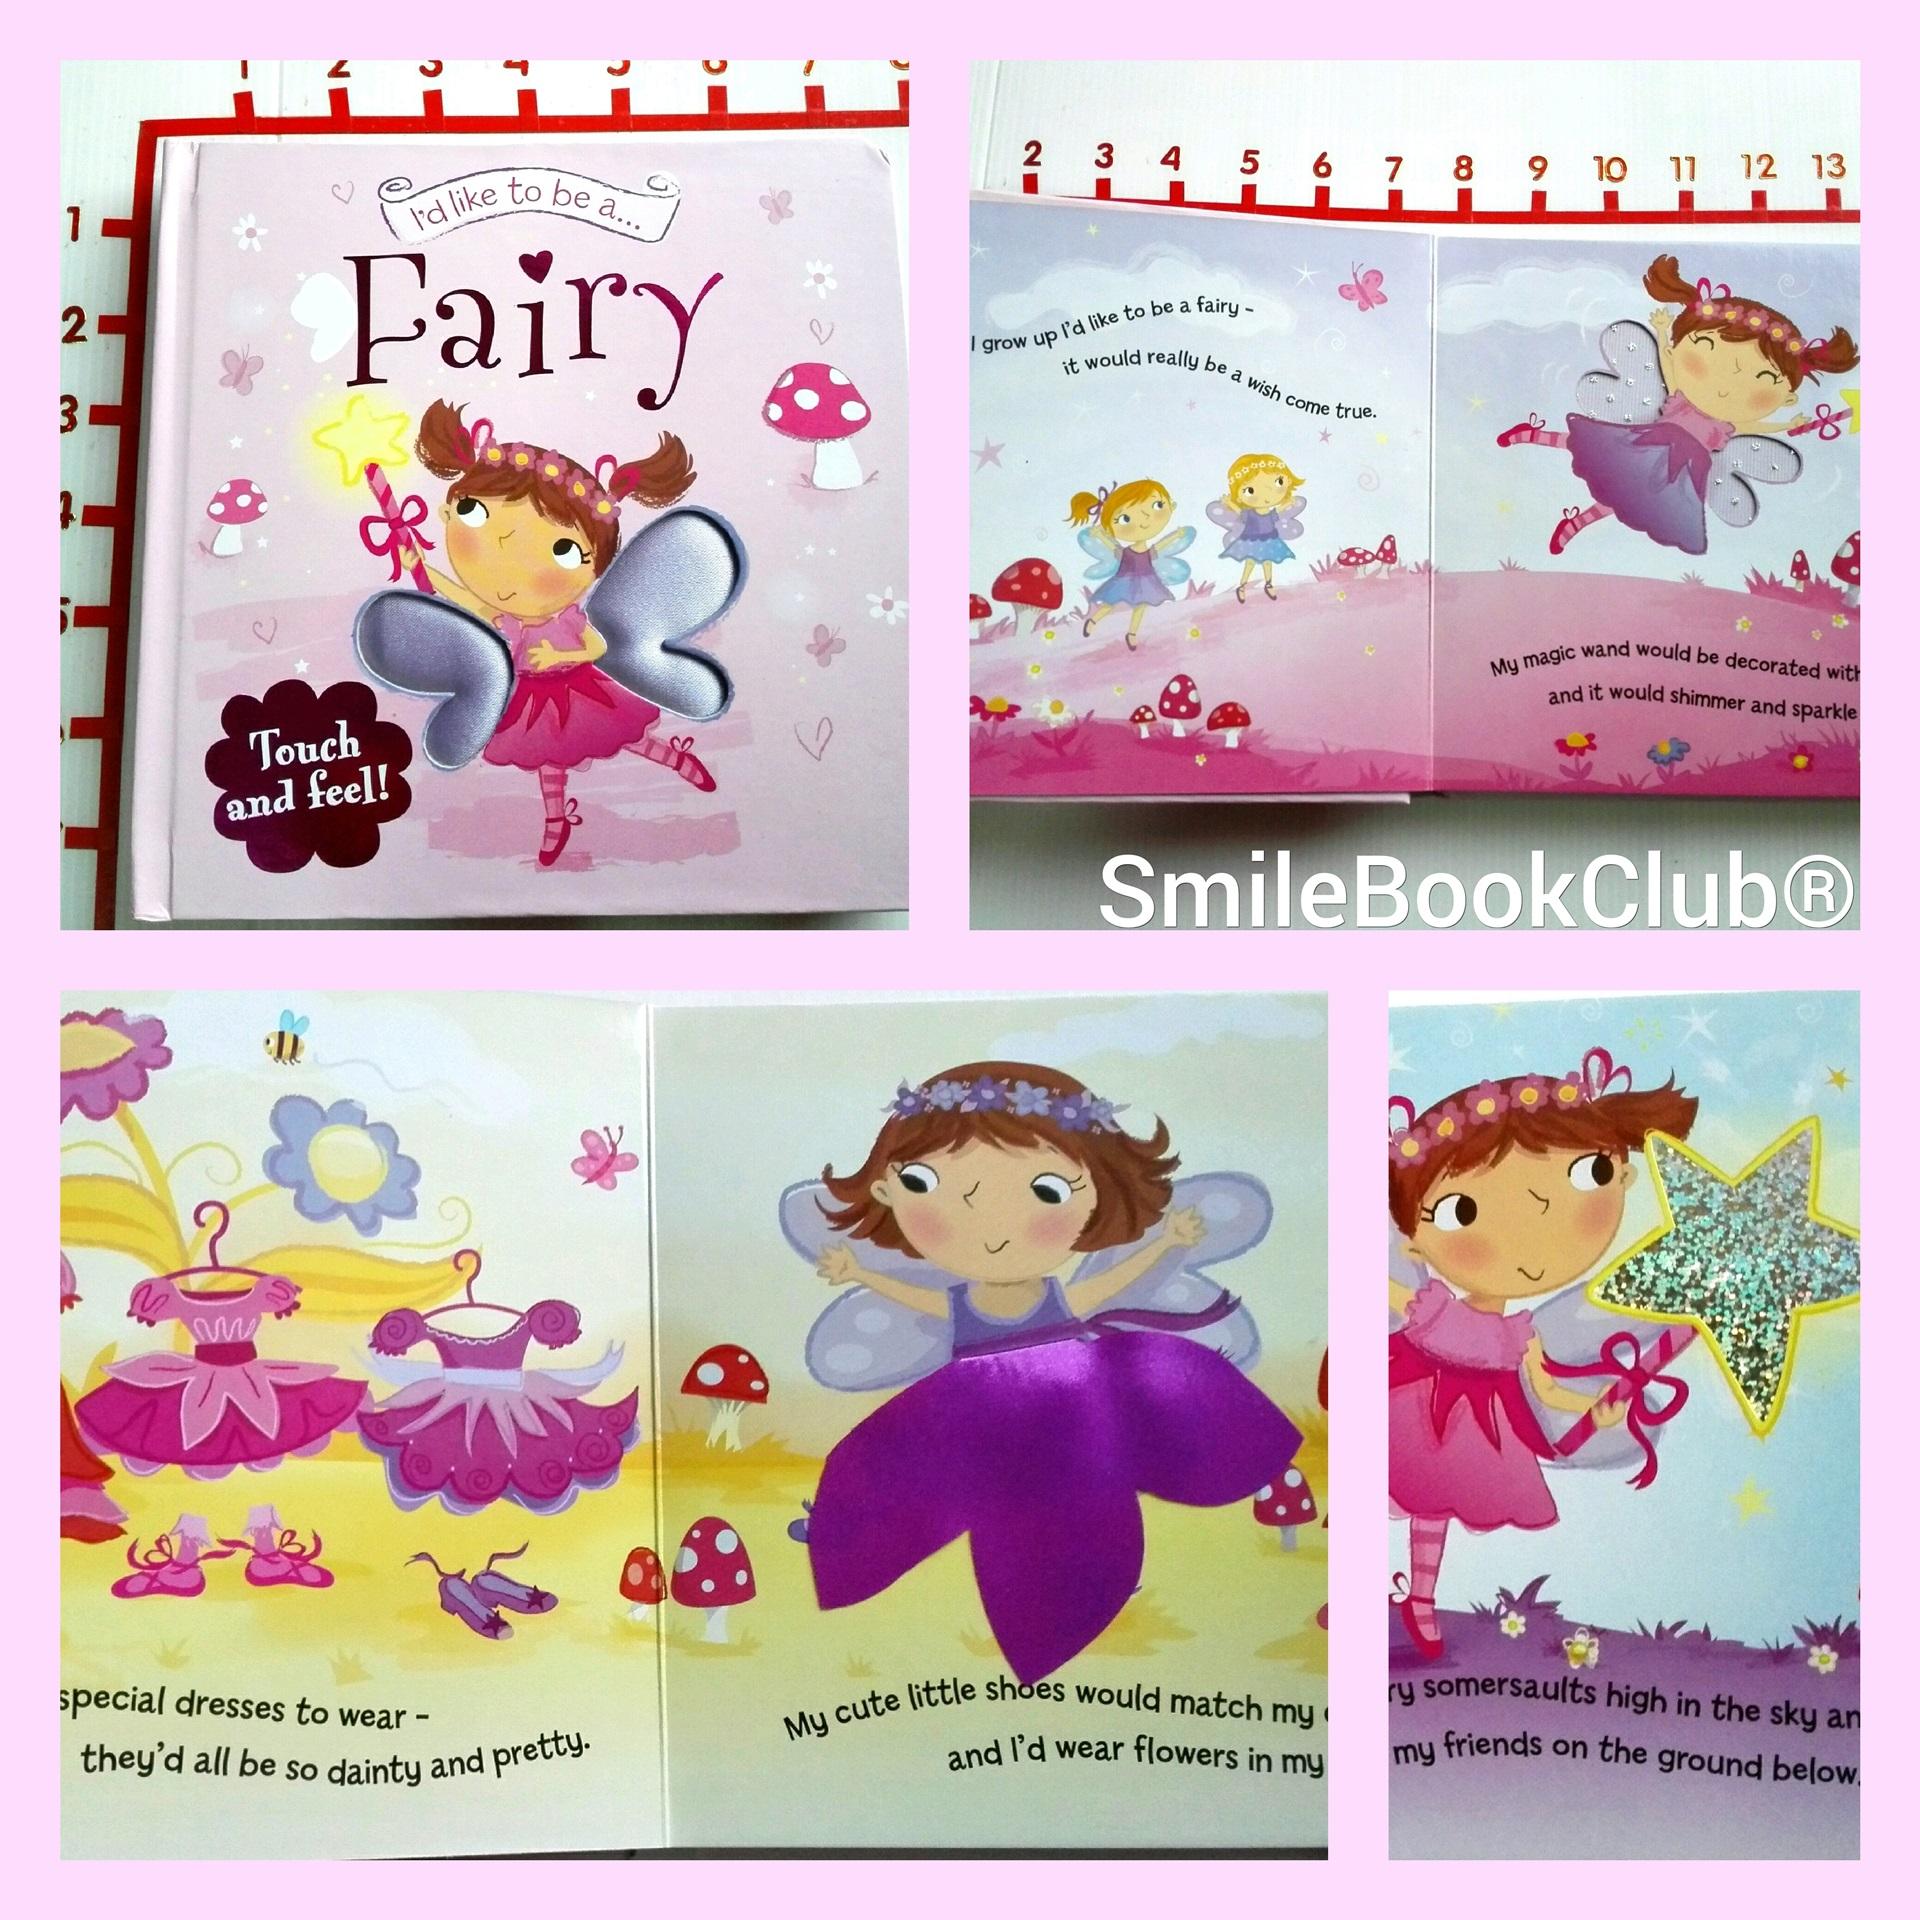 I'd Like to Be a .. Fairy